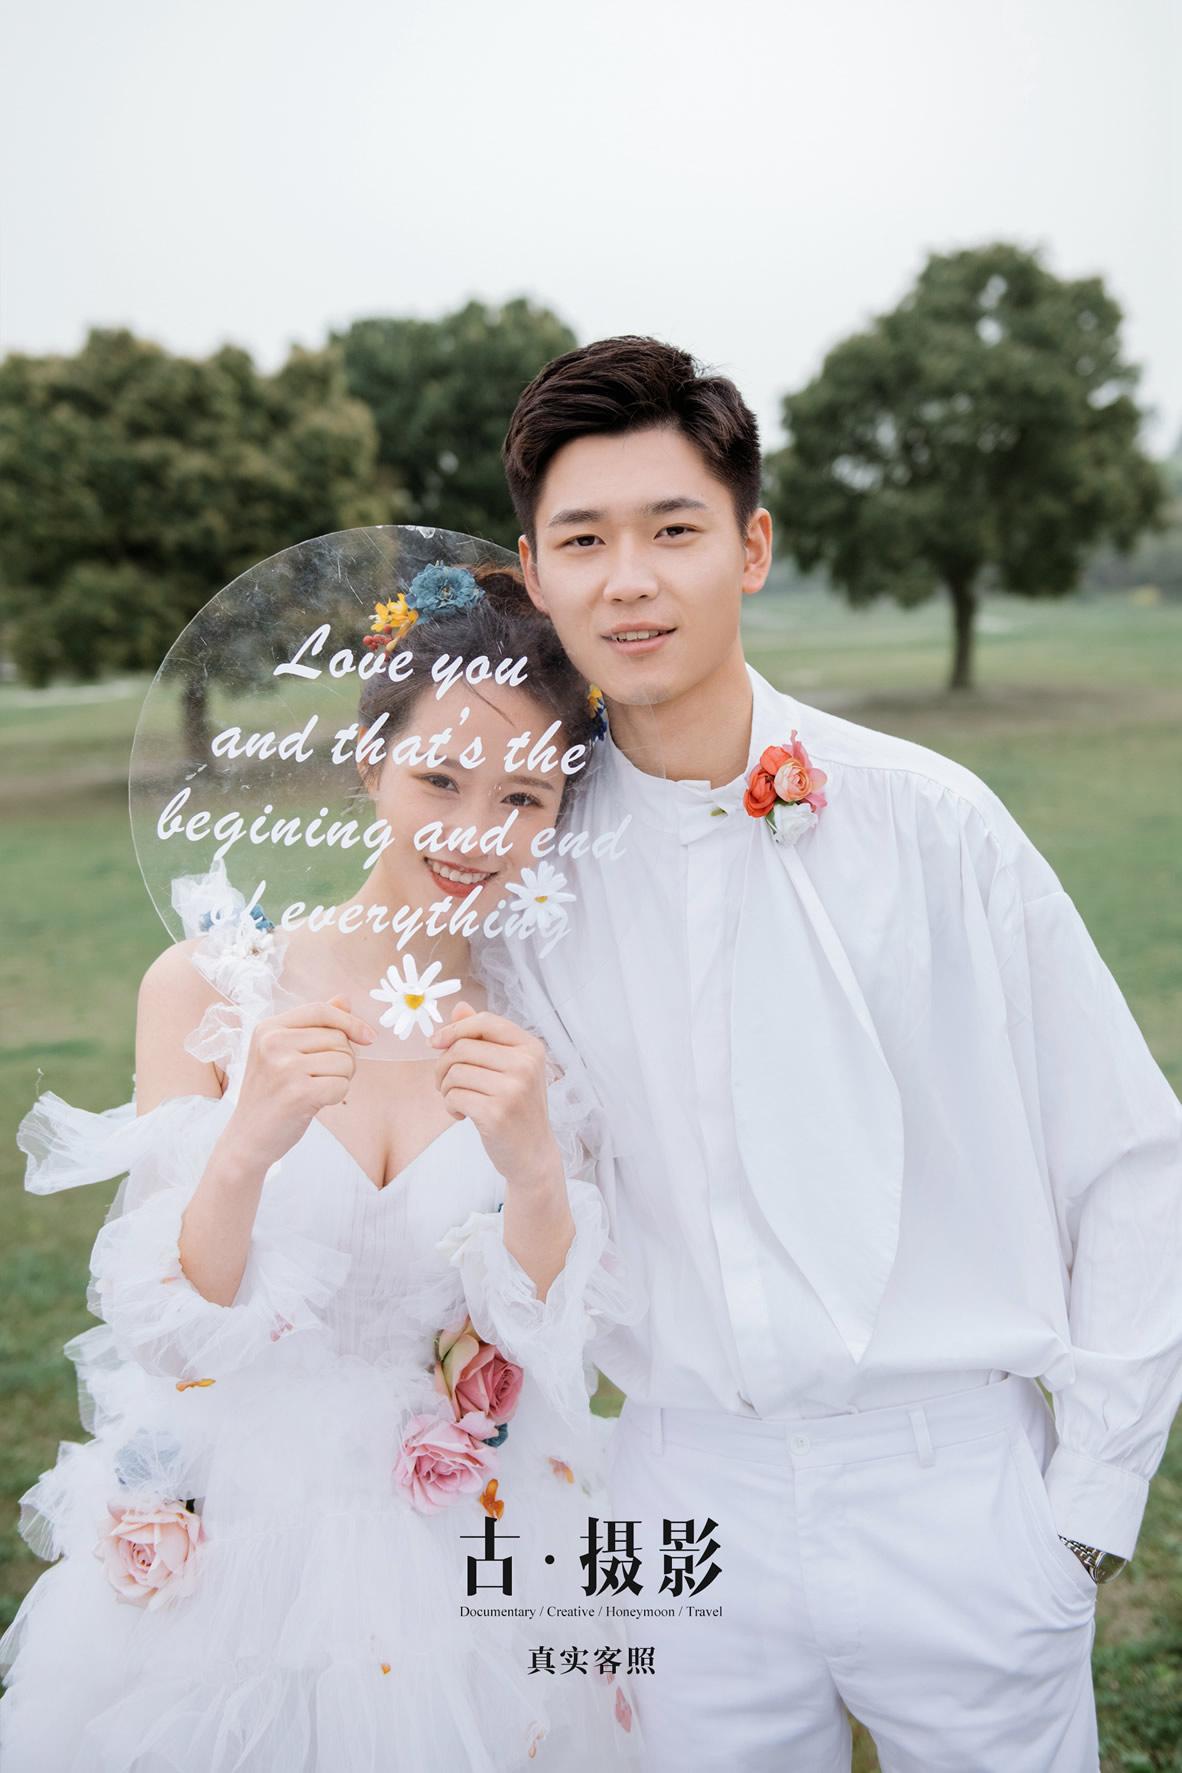 李先生 符小姐 - 每日客照 - 古摄影婚纱艺术-古摄影成都婚纱摄影艺术摄影网